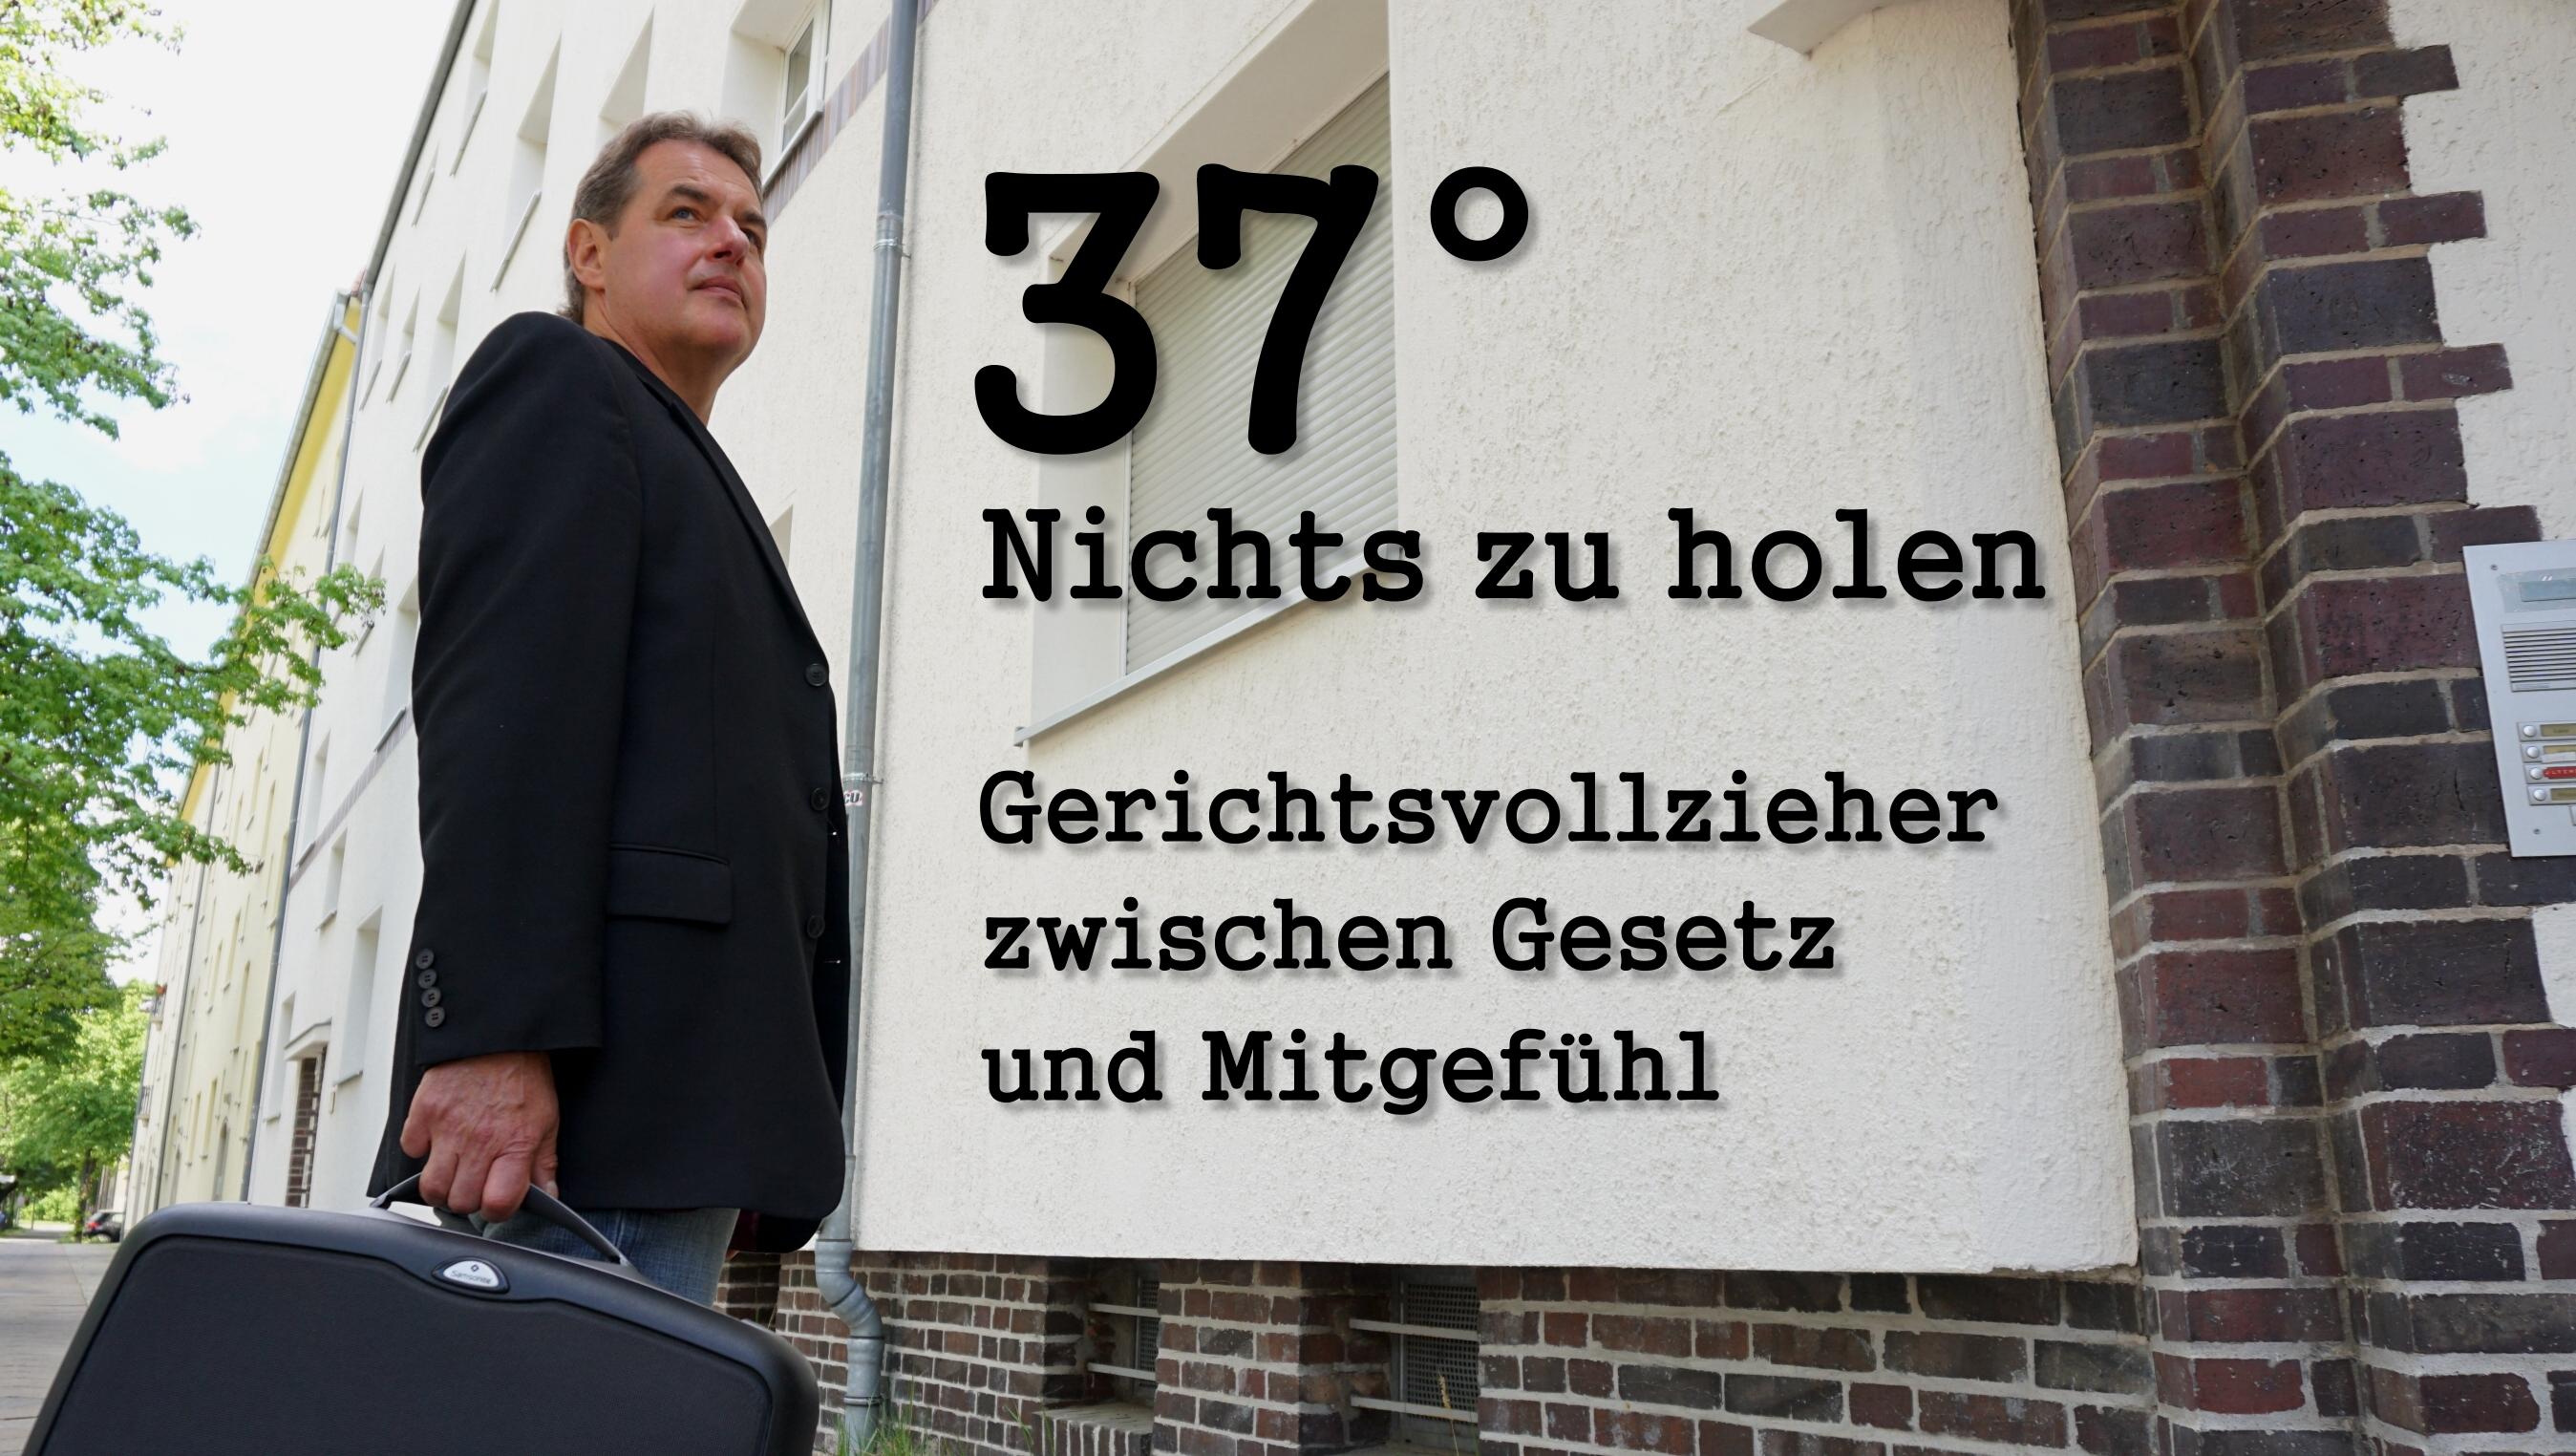 Geschützt: 37° Nichts zu holen